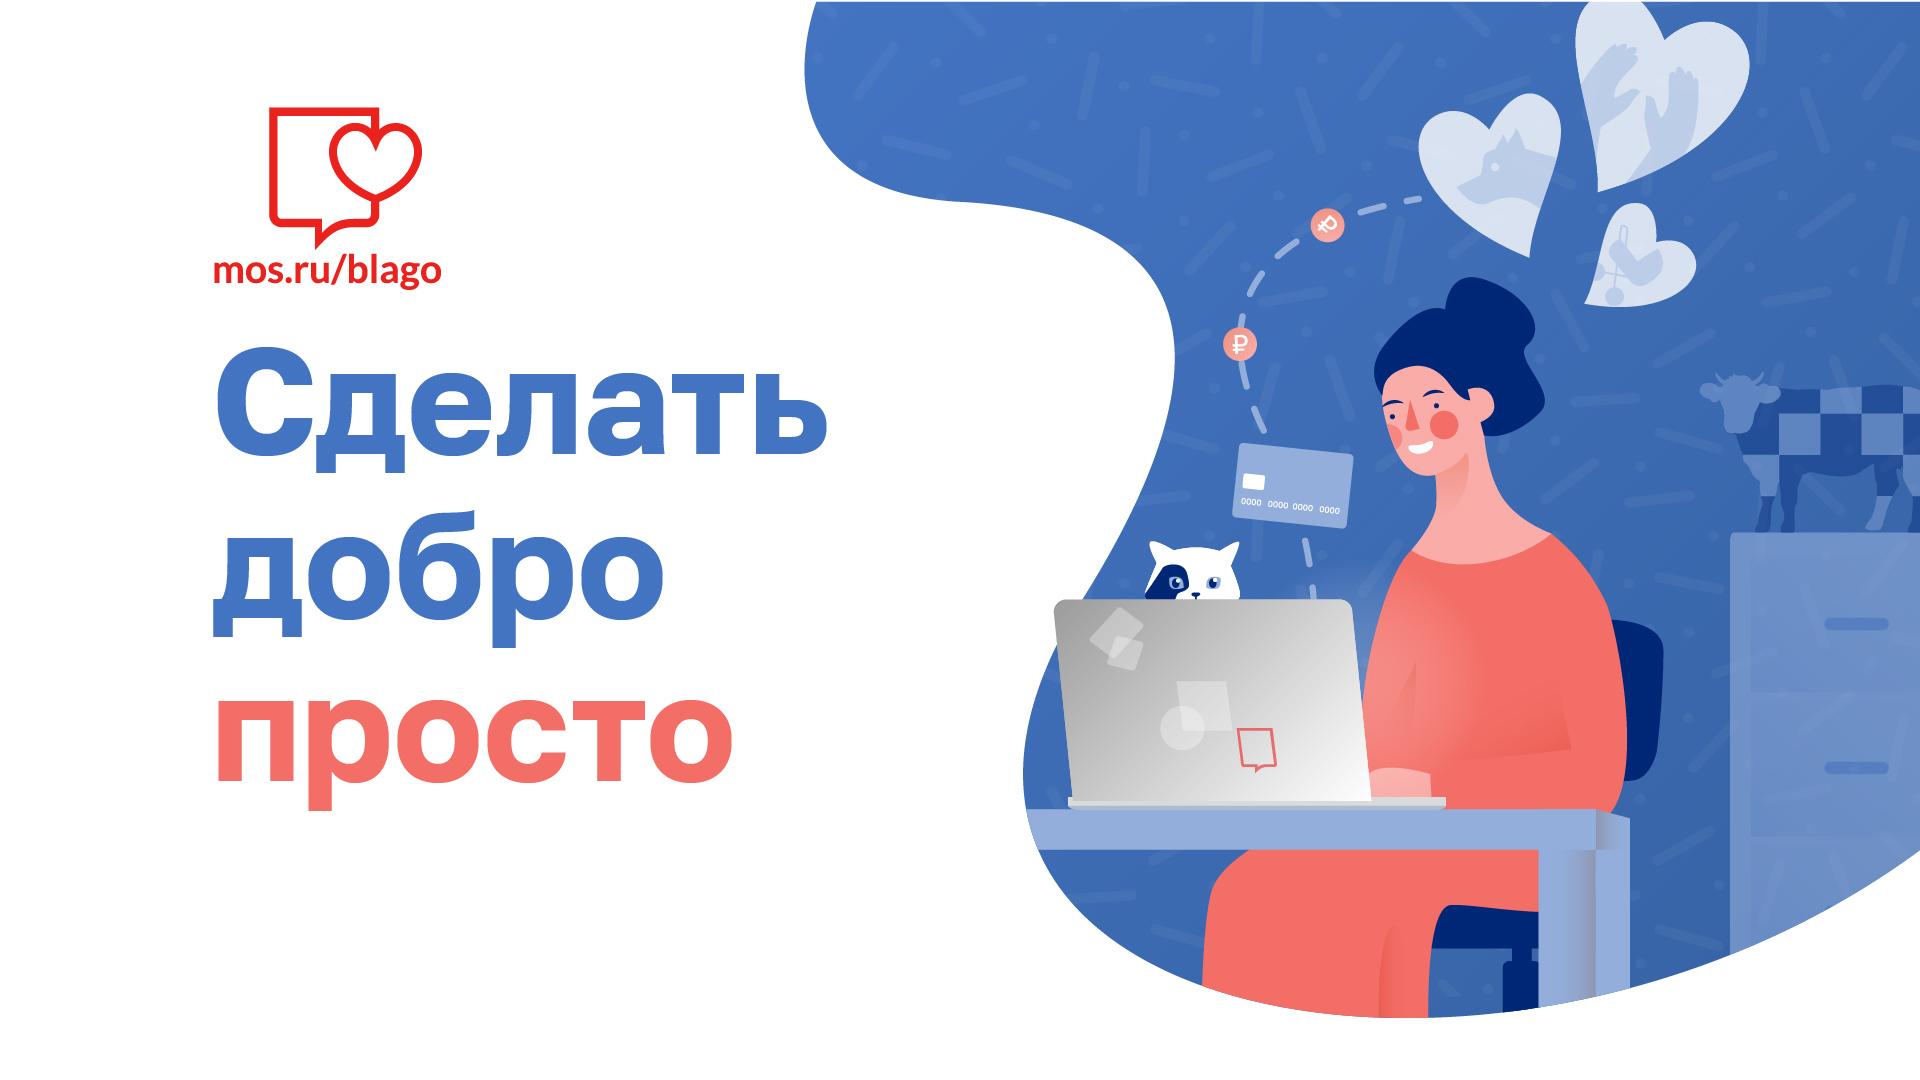 Сделать доброе дело на mos.ru